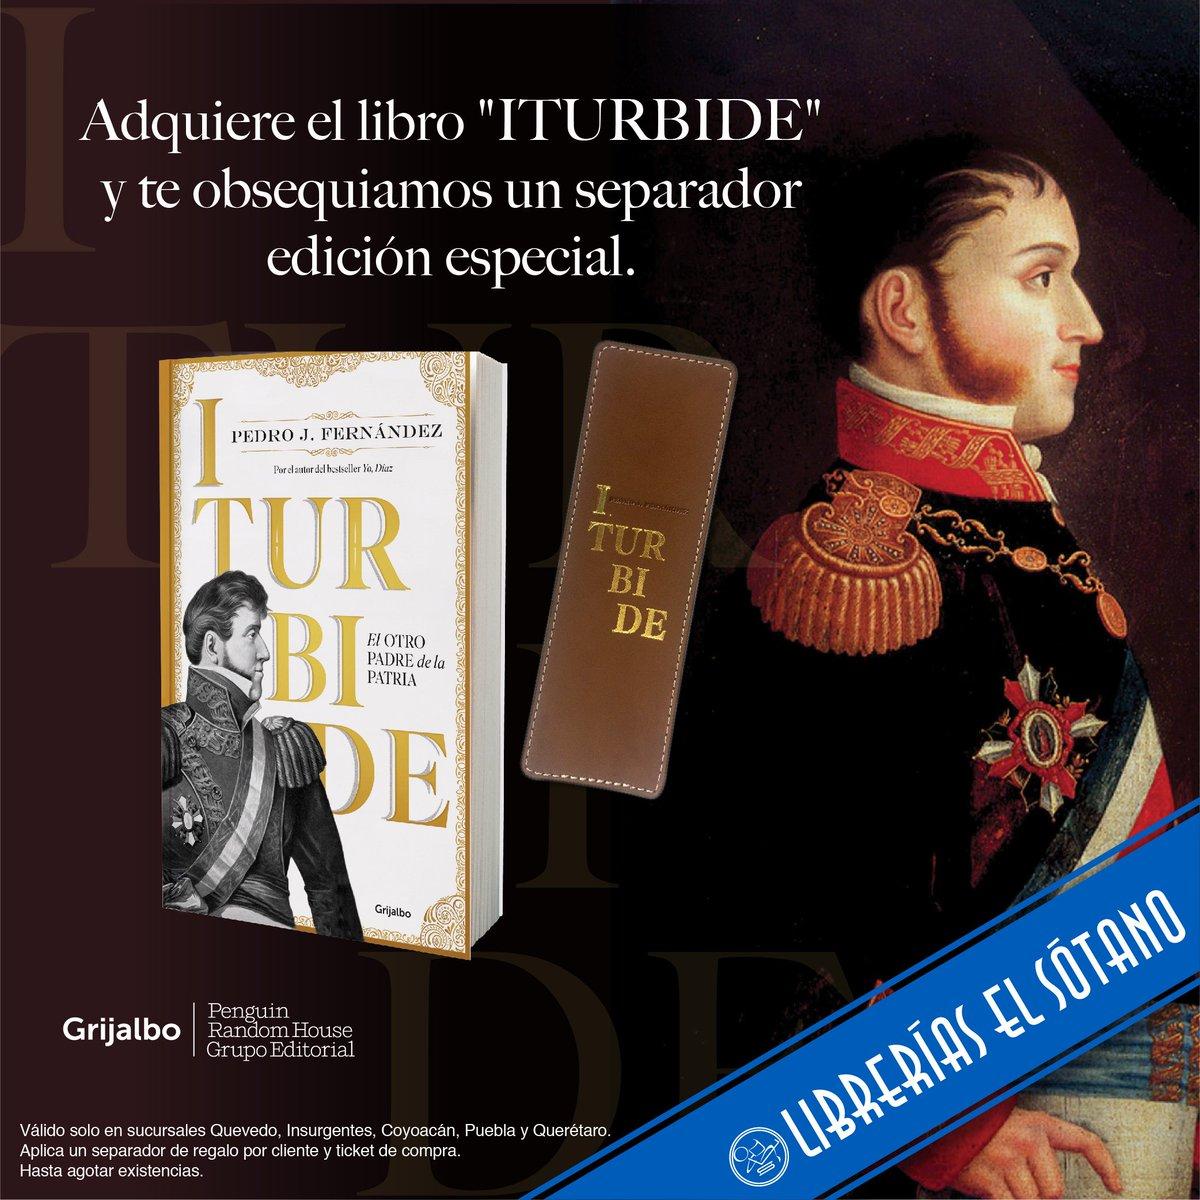 @pedroj86 presenta Iturbide. El otro padre de la patria, disponible aquí:  http://bit.ly/2LLyZNn pic.twitter.com/vDzKVLZnig